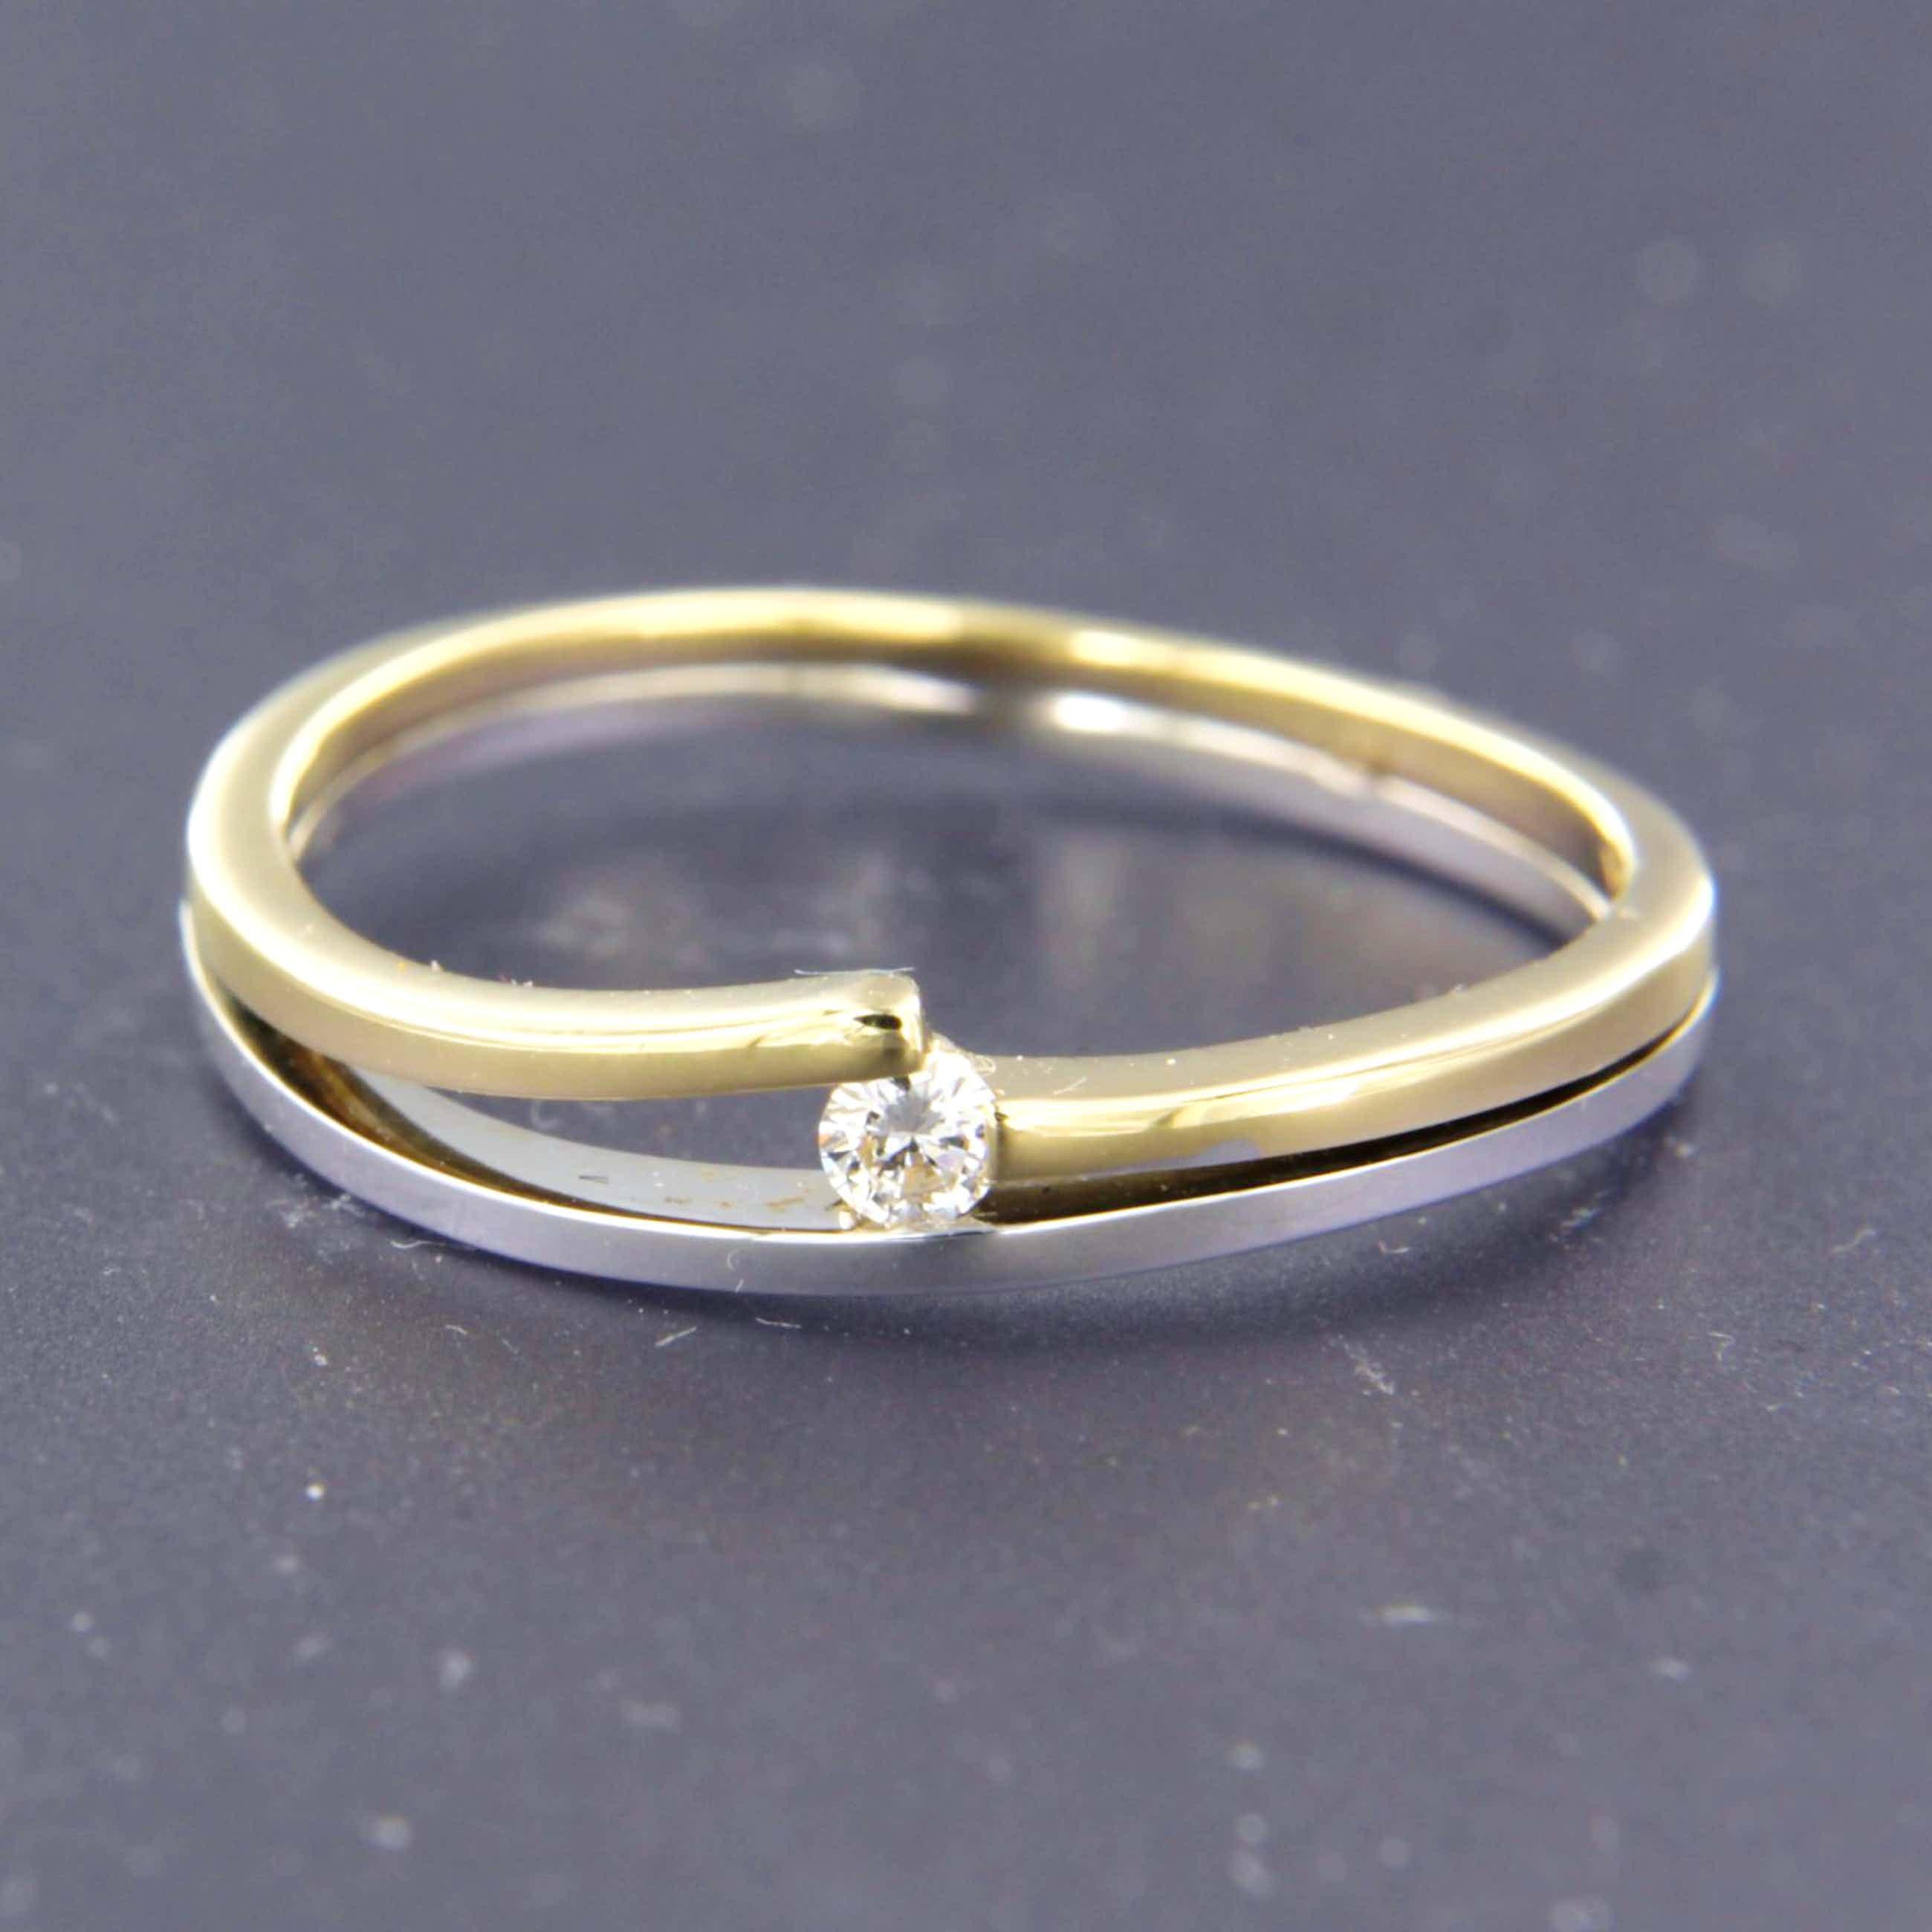 14K Goud - bicolor ring bezet met briljant geslepen diamant - LeChic - kopen? Bied vanaf 160!